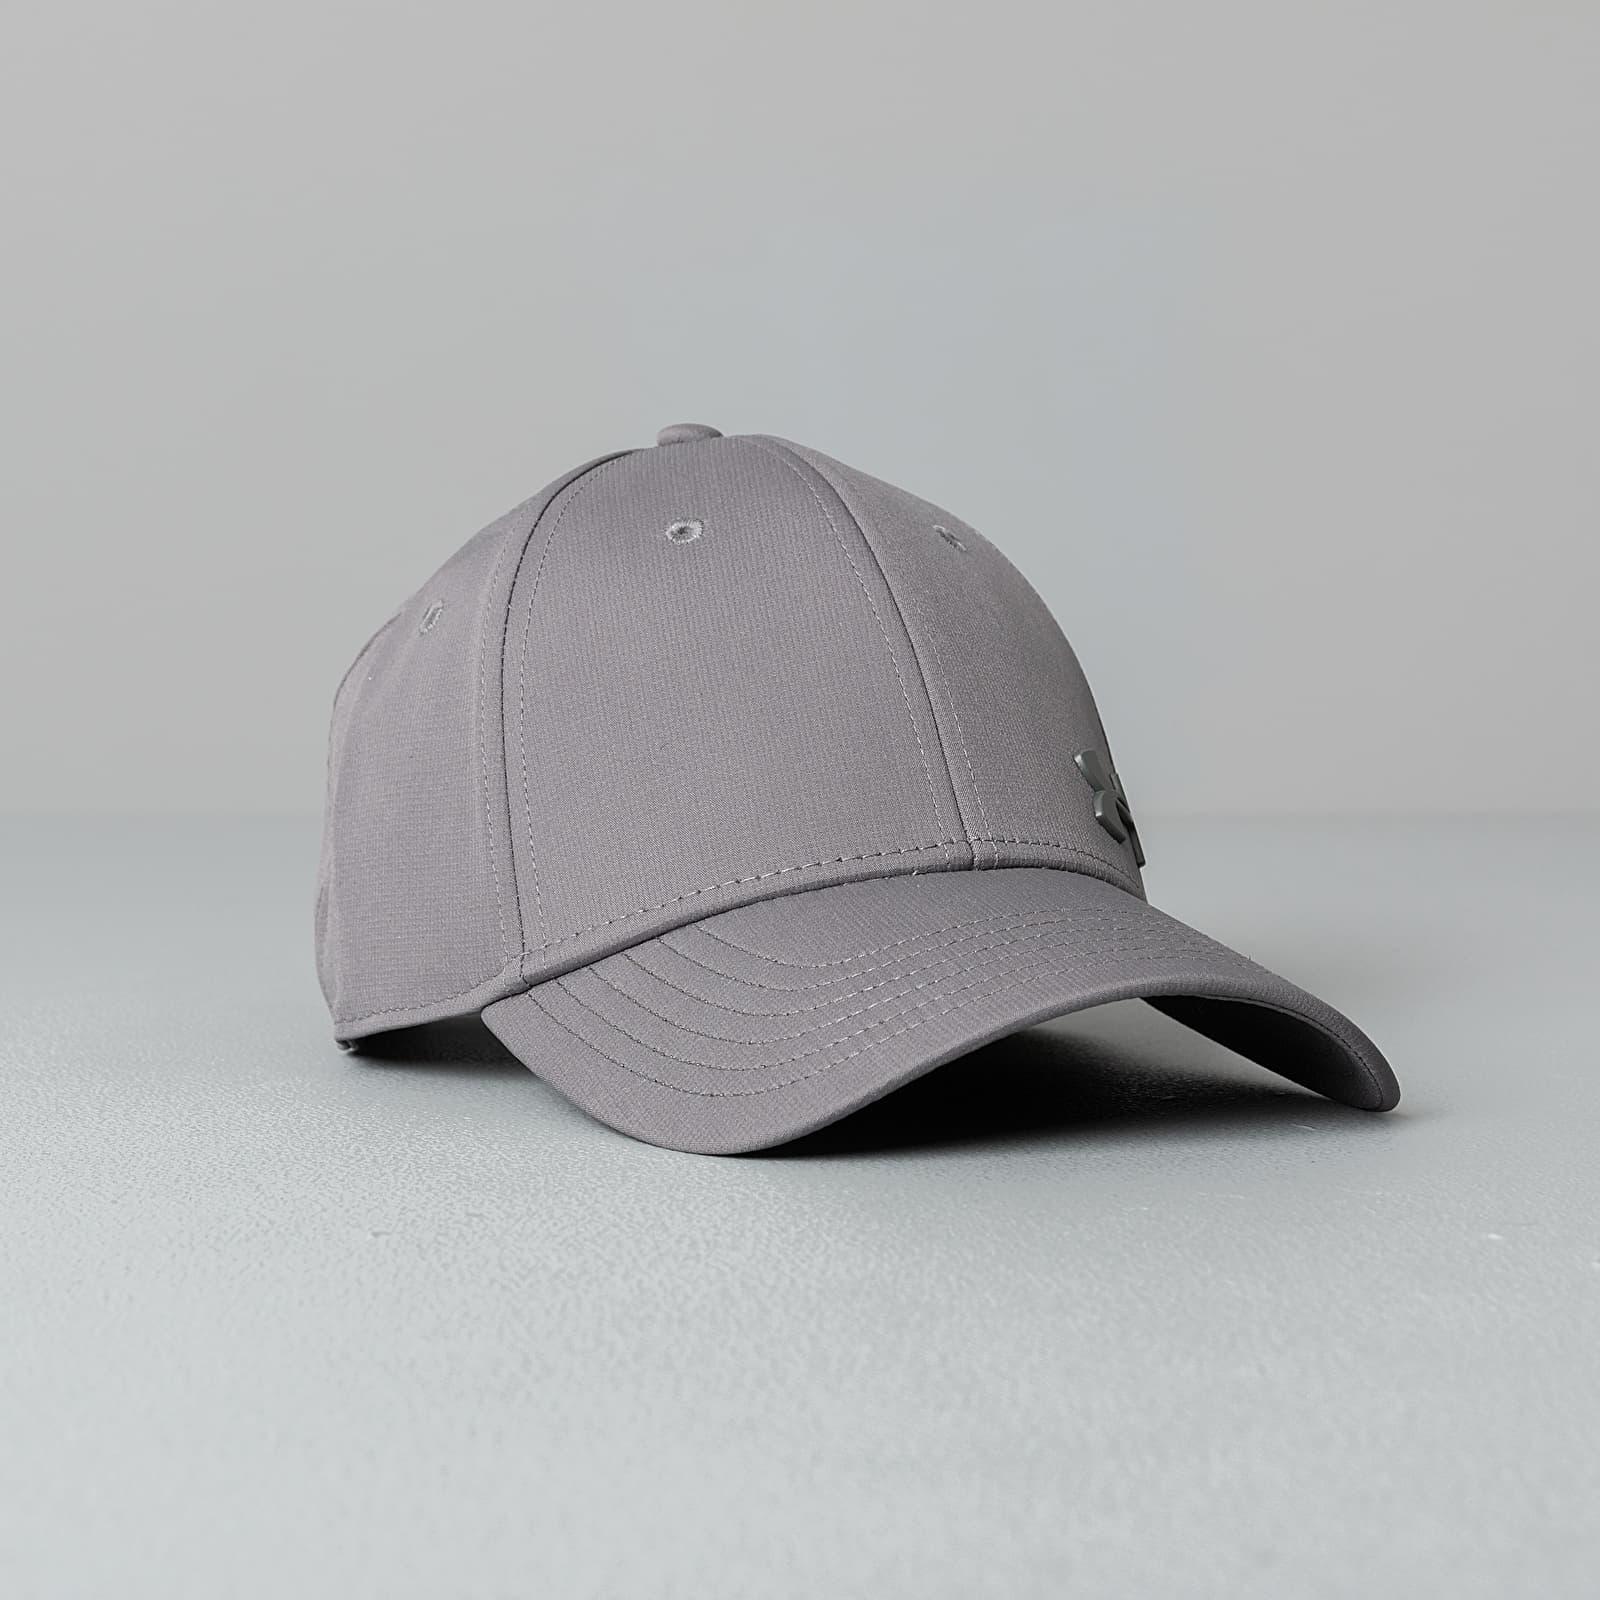 Under Armour Storm Cap